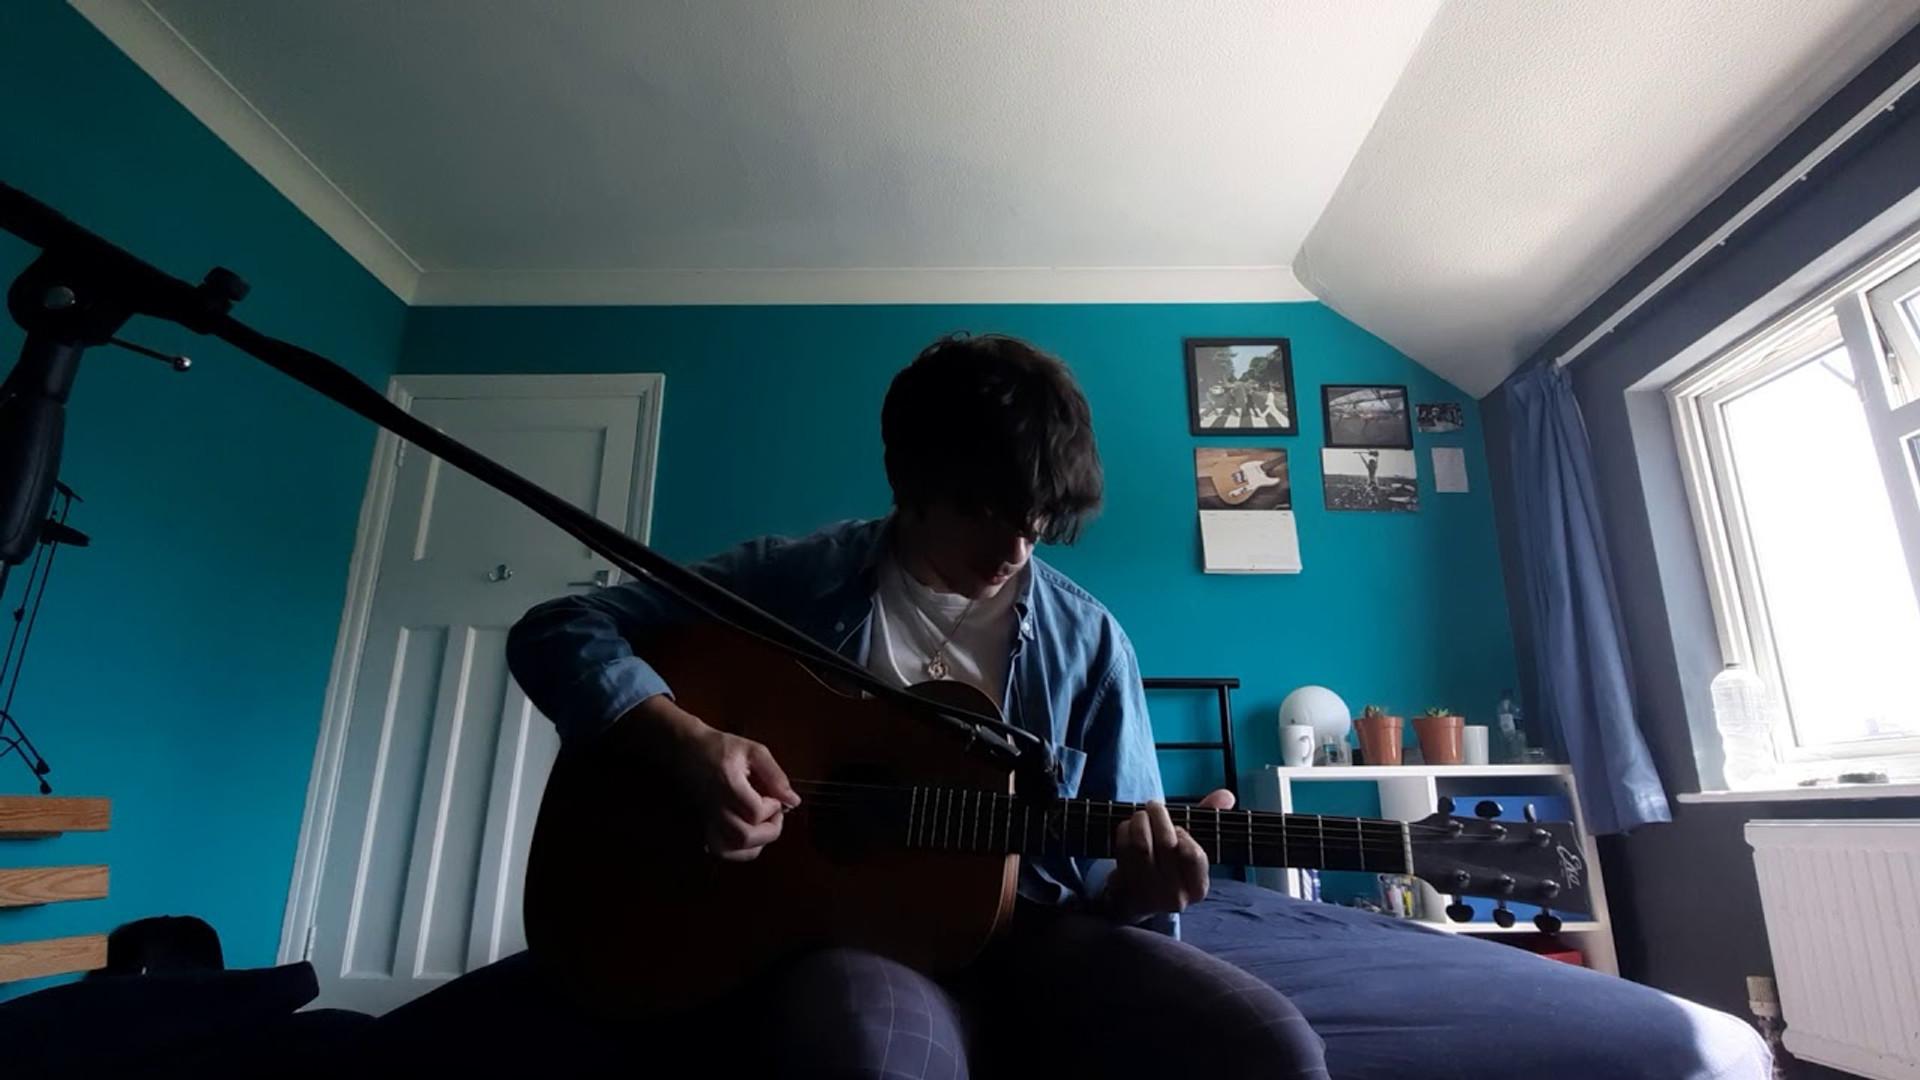 Jake Fair: Rosette live